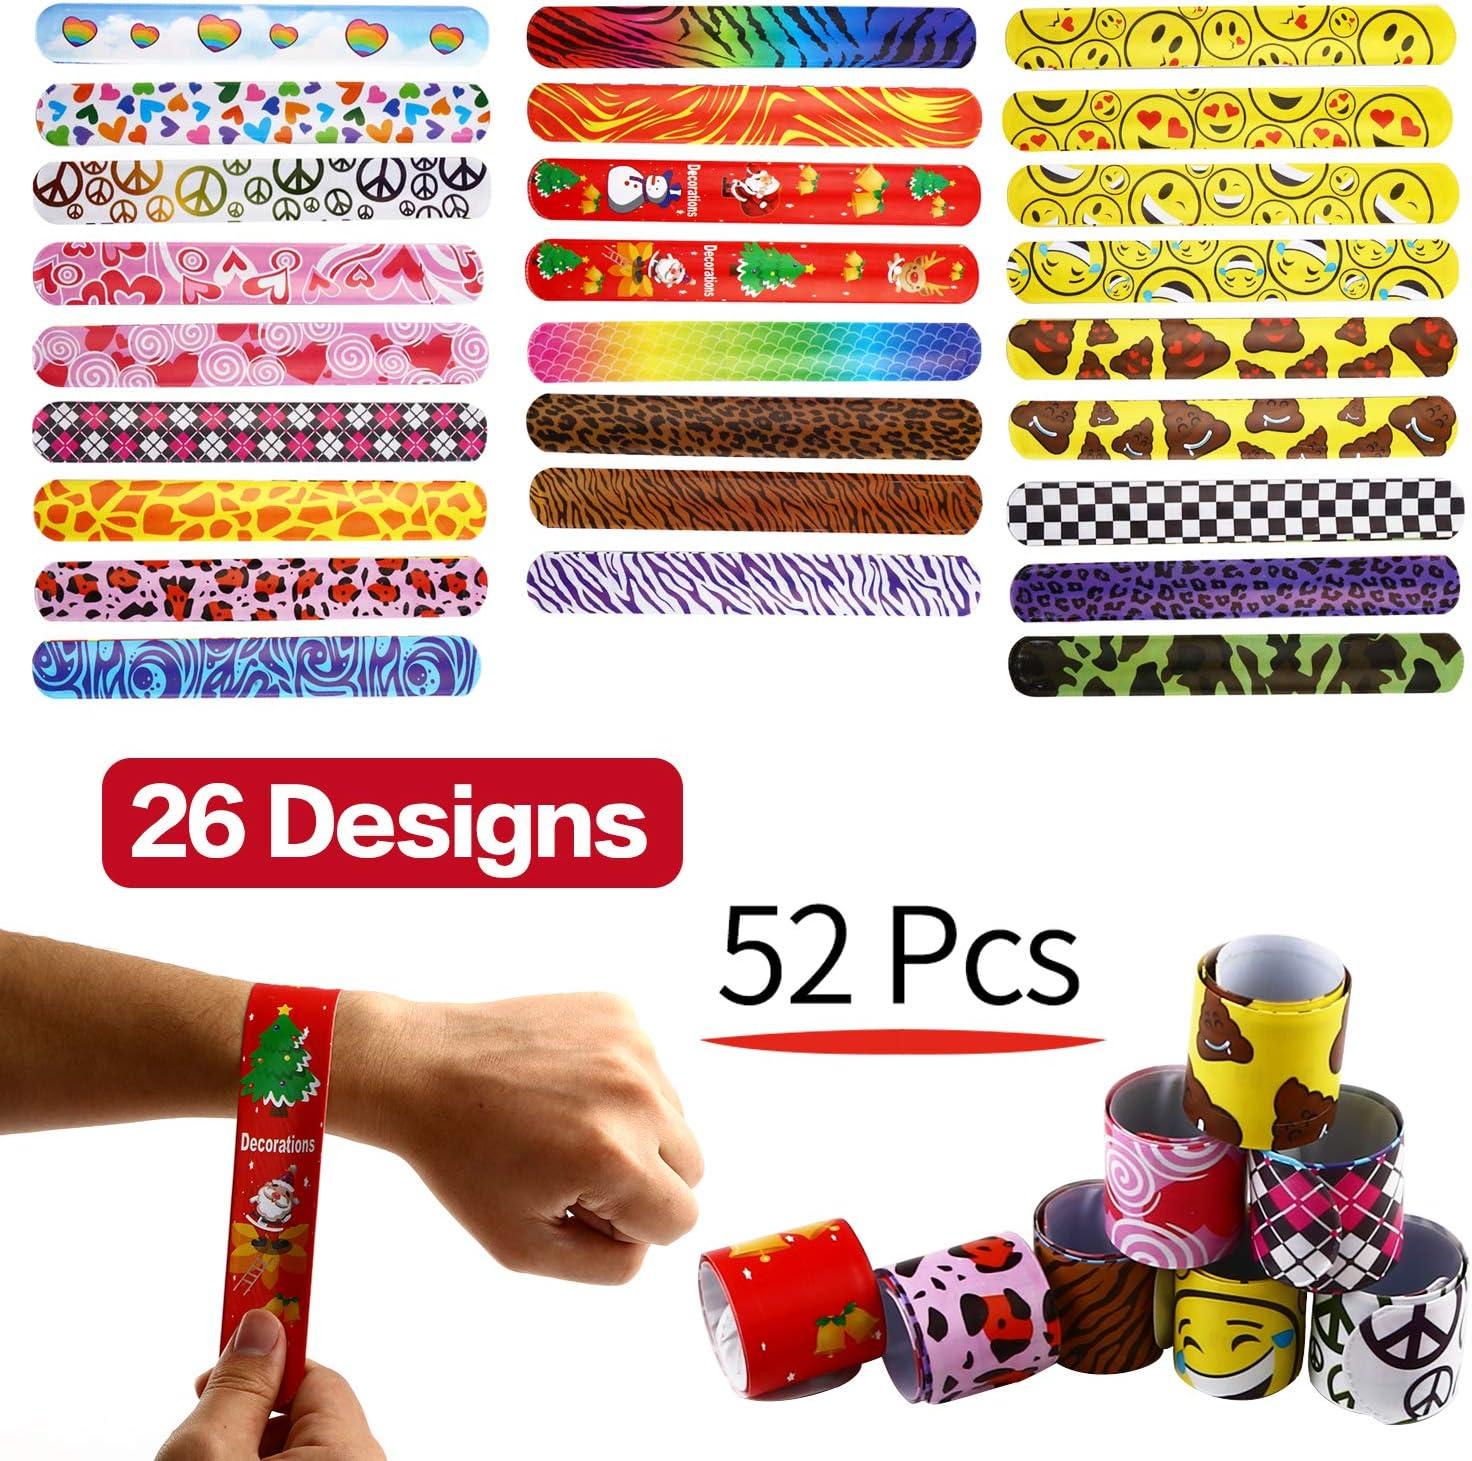 Juguetes Pulseras De Juguete Infantiles, Paquete De 52 Pulseras Enrollables (26 Diseños), Pulseras Enrollables Con Diseños De Corazones De Colores, Emoji, Paz, Estampados Animales Juguetes De Fiesta